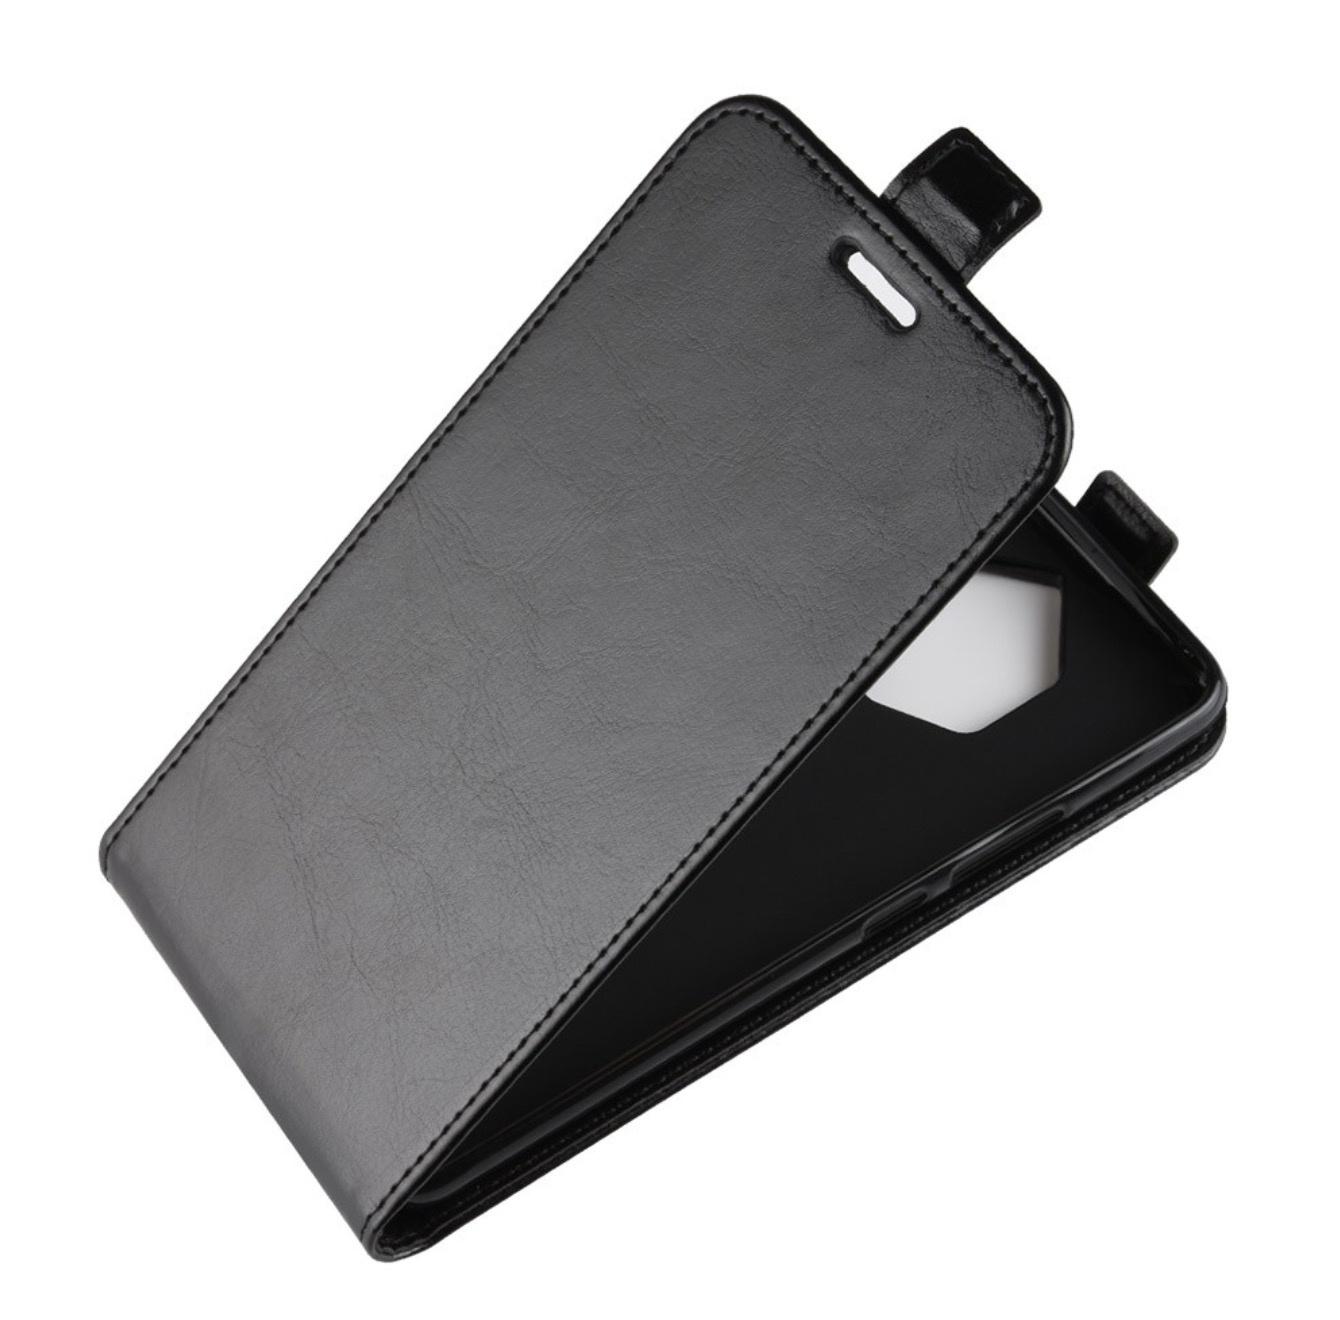 Чехол-флип MyPads для DEXP Ixion XL145 Snatch вертикальный откидной черный